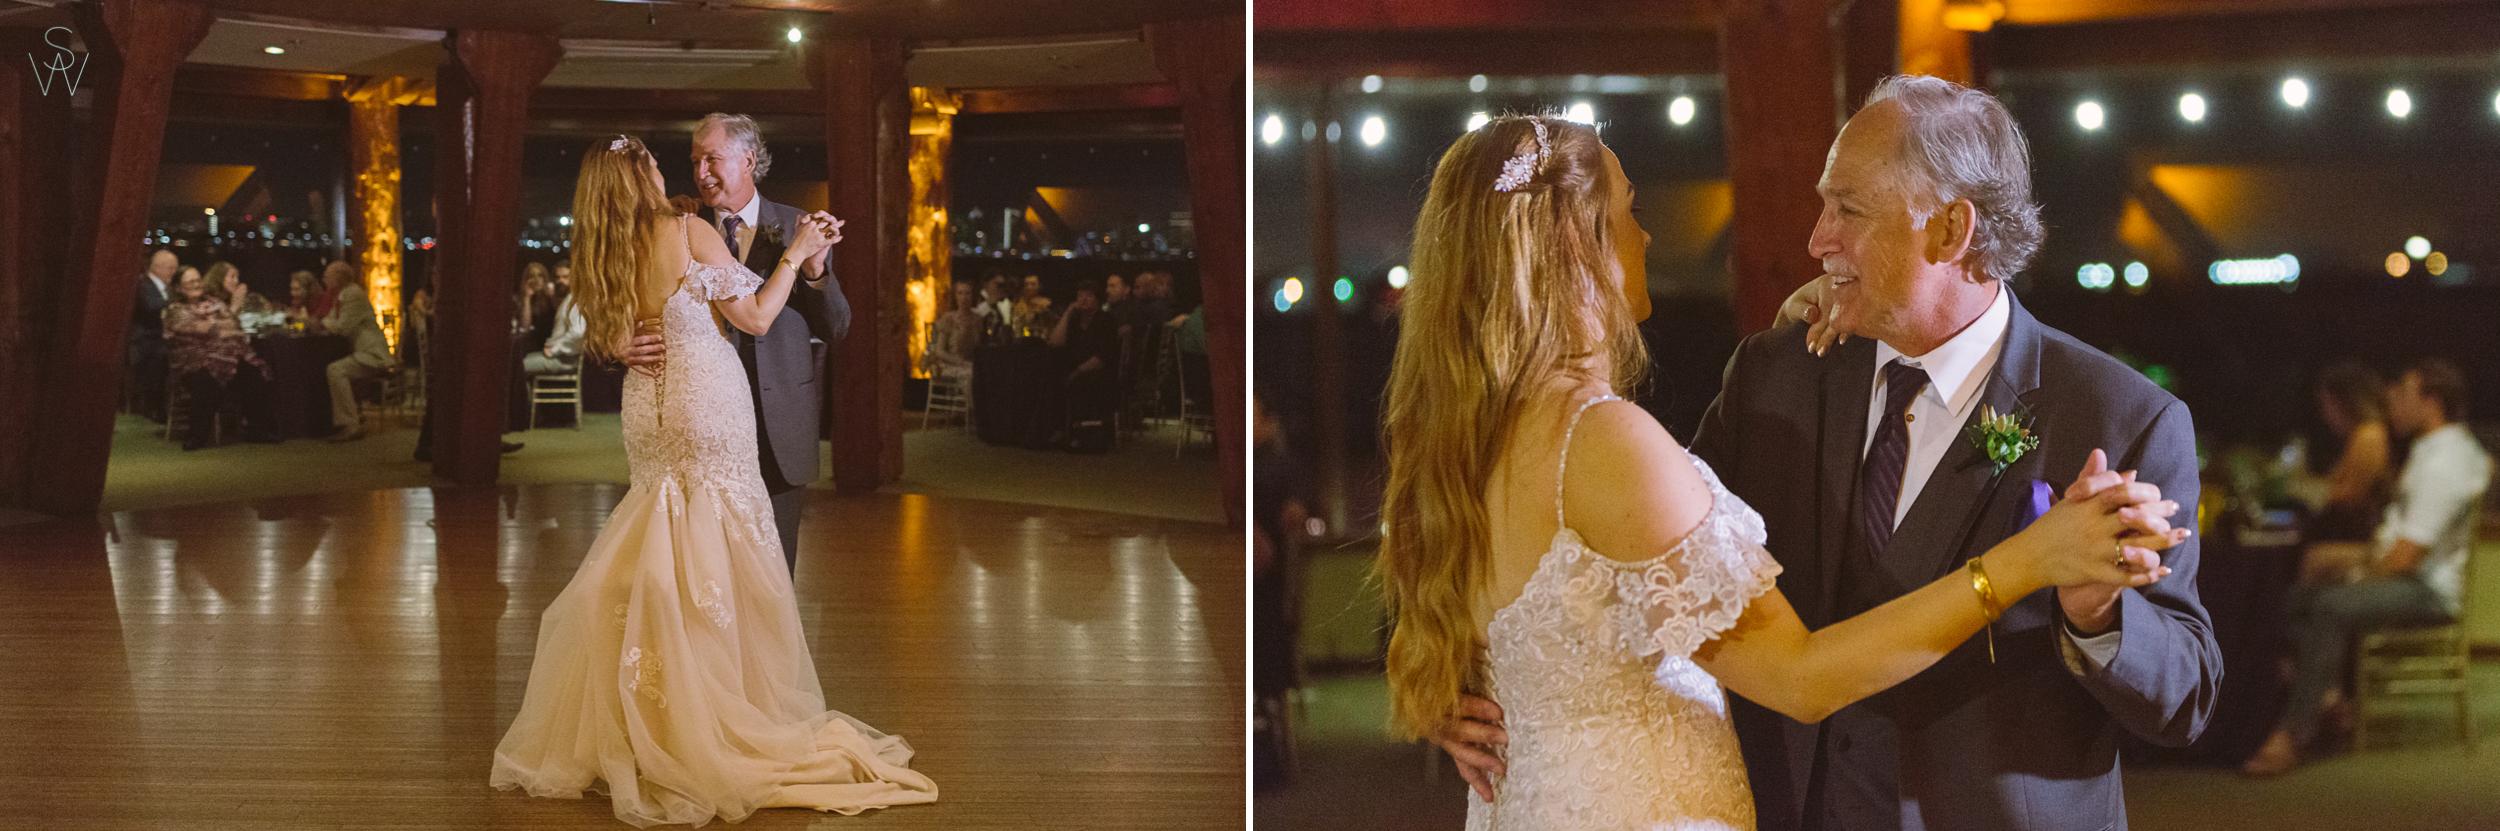 193San.diego.wedding.shewanders.photography.JPG